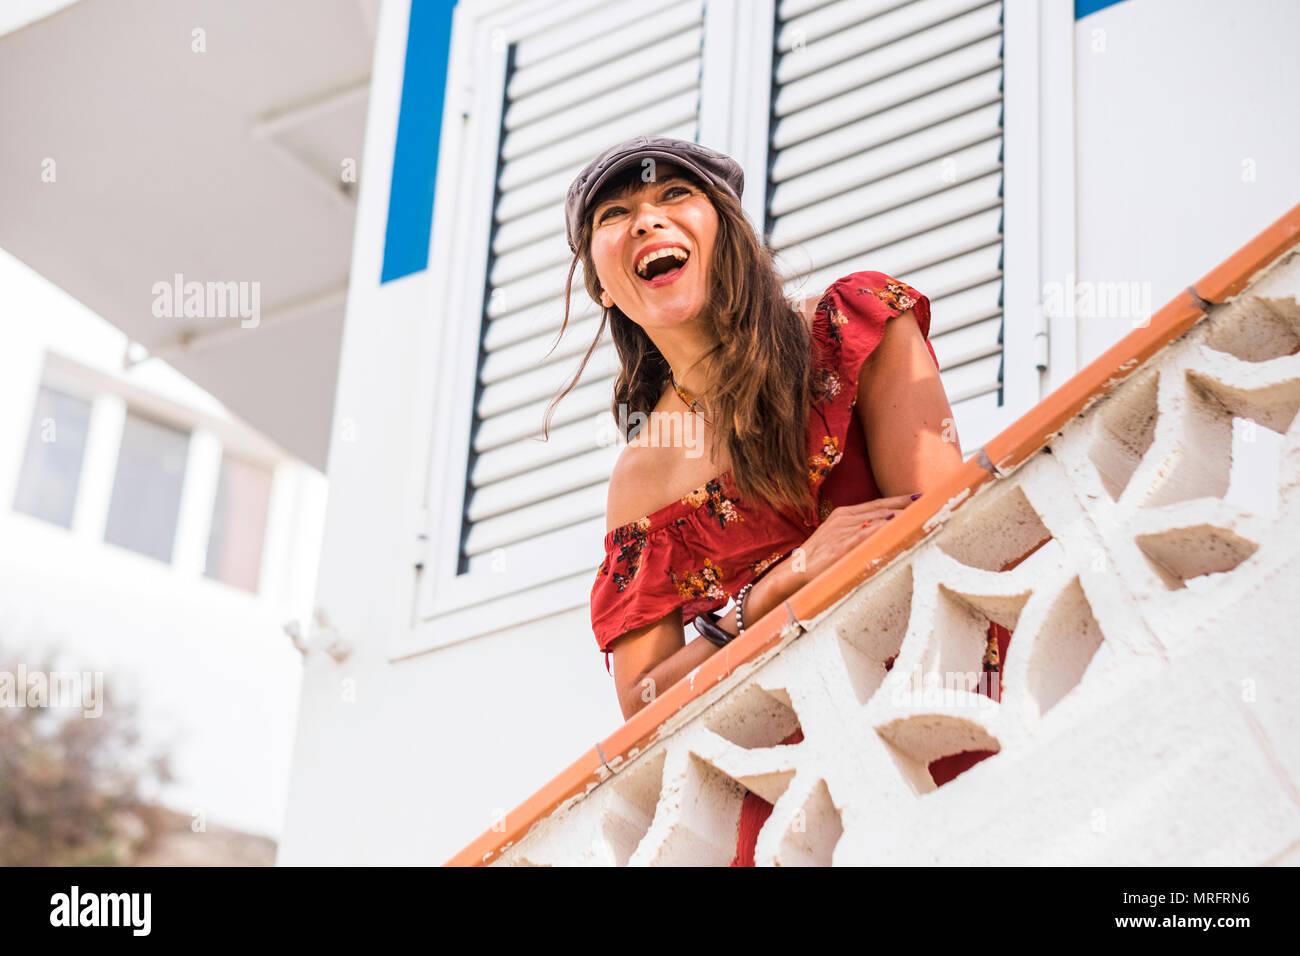 Lächeln und Lachen für Glück und genießen Konzept mit einem schönen 40 Jahre alt, Kaukasier, mit weißen Häusern im Hintergrund. Freizeit n Stockbild